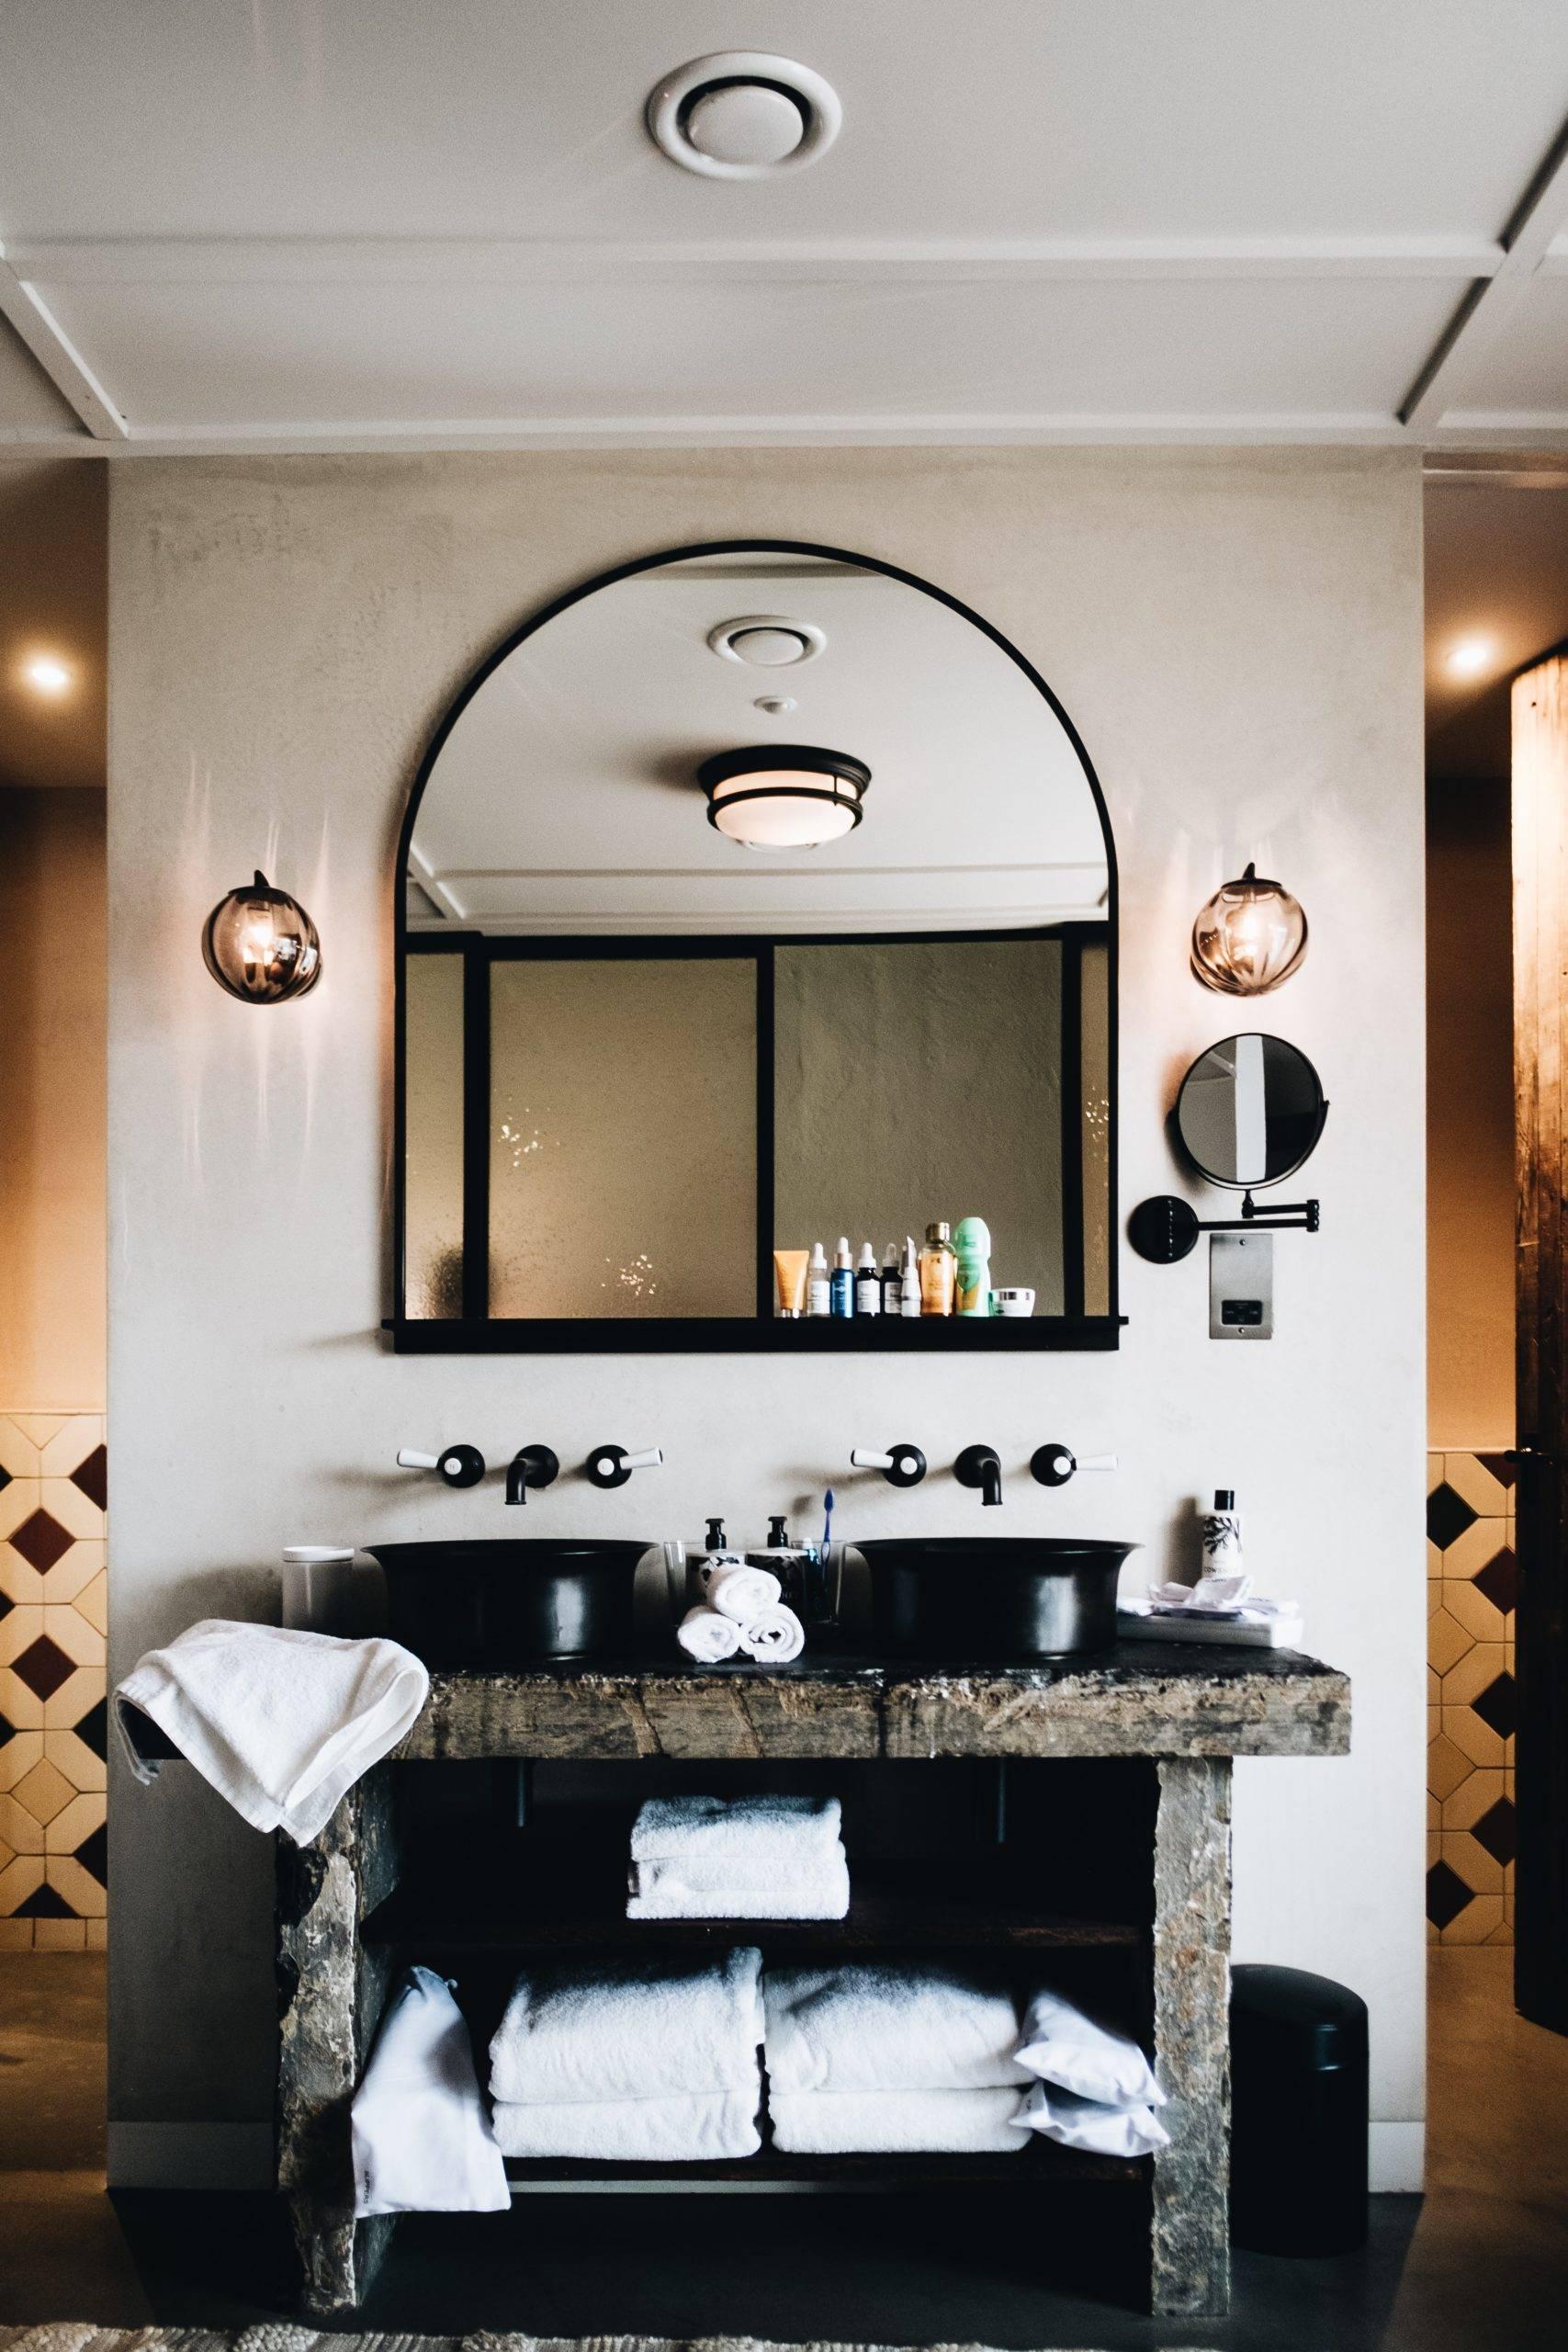 Bathroom vanity with towels